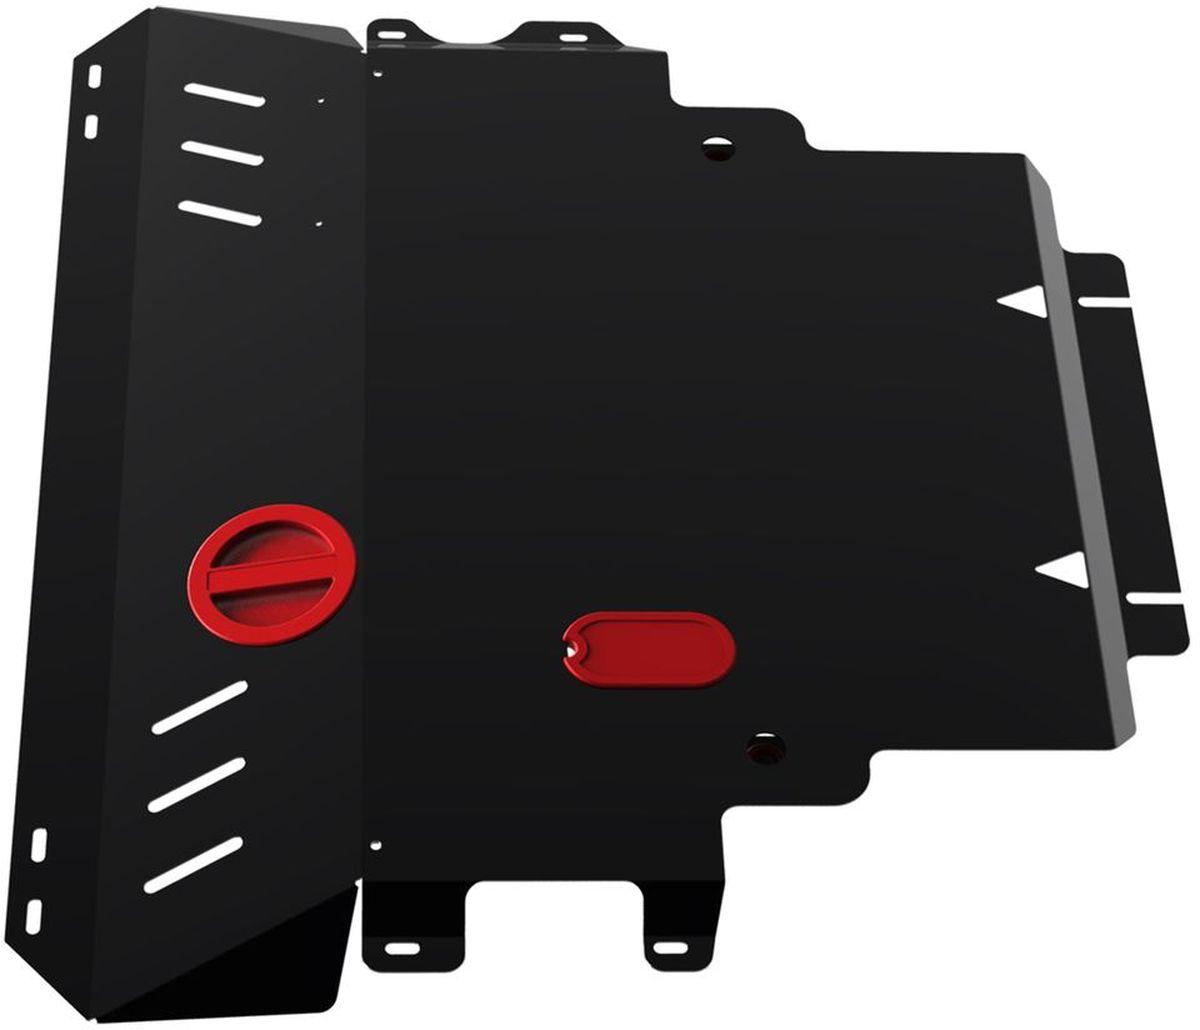 Защита картера и КПП Автоброня, для Mazda 3 2003-2008 / Mazda 5 2005-2010 / Mazda Premacy 2005-2010VCA-00Стальные защиты Автоброня надежно защищают ваш автомобиль от повреждений при наезде на бордюры, выступающие канализационные люки, кромки поврежденного асфальта или при ремонте дорог, не говоря уже о загородных дорогах.- Имеют оптимальное соотношение цена-качество.- Спроектированы с учетом особенностей автомобиля, что делает установку удобной.- Защита устанавливается в штатные места кузова автомобиля.- Является надежной защитой для важных элементов на протяжении долгих лет.- Глубокий штамп дополнительно усиливает конструкцию защиты.- Подштамповка в местах крепления защищает крепеж от срезания.- Технологические отверстия там, где они необходимы для смены масла и слива воды, оборудованные заглушками, закрепленными на защите.Толщина стали 2 мм.В комплекте крепеж и инструкция по установке.Уважаемые клиенты!Обращаем ваше внимание на тот факт, что защита имеет форму, соответствующую модели данного автомобиля. Наличие глубокого штампа и лючков для смены фильтров/масла предусмотрено не на всех защитах. Фото служит для визуального восприятия товара.